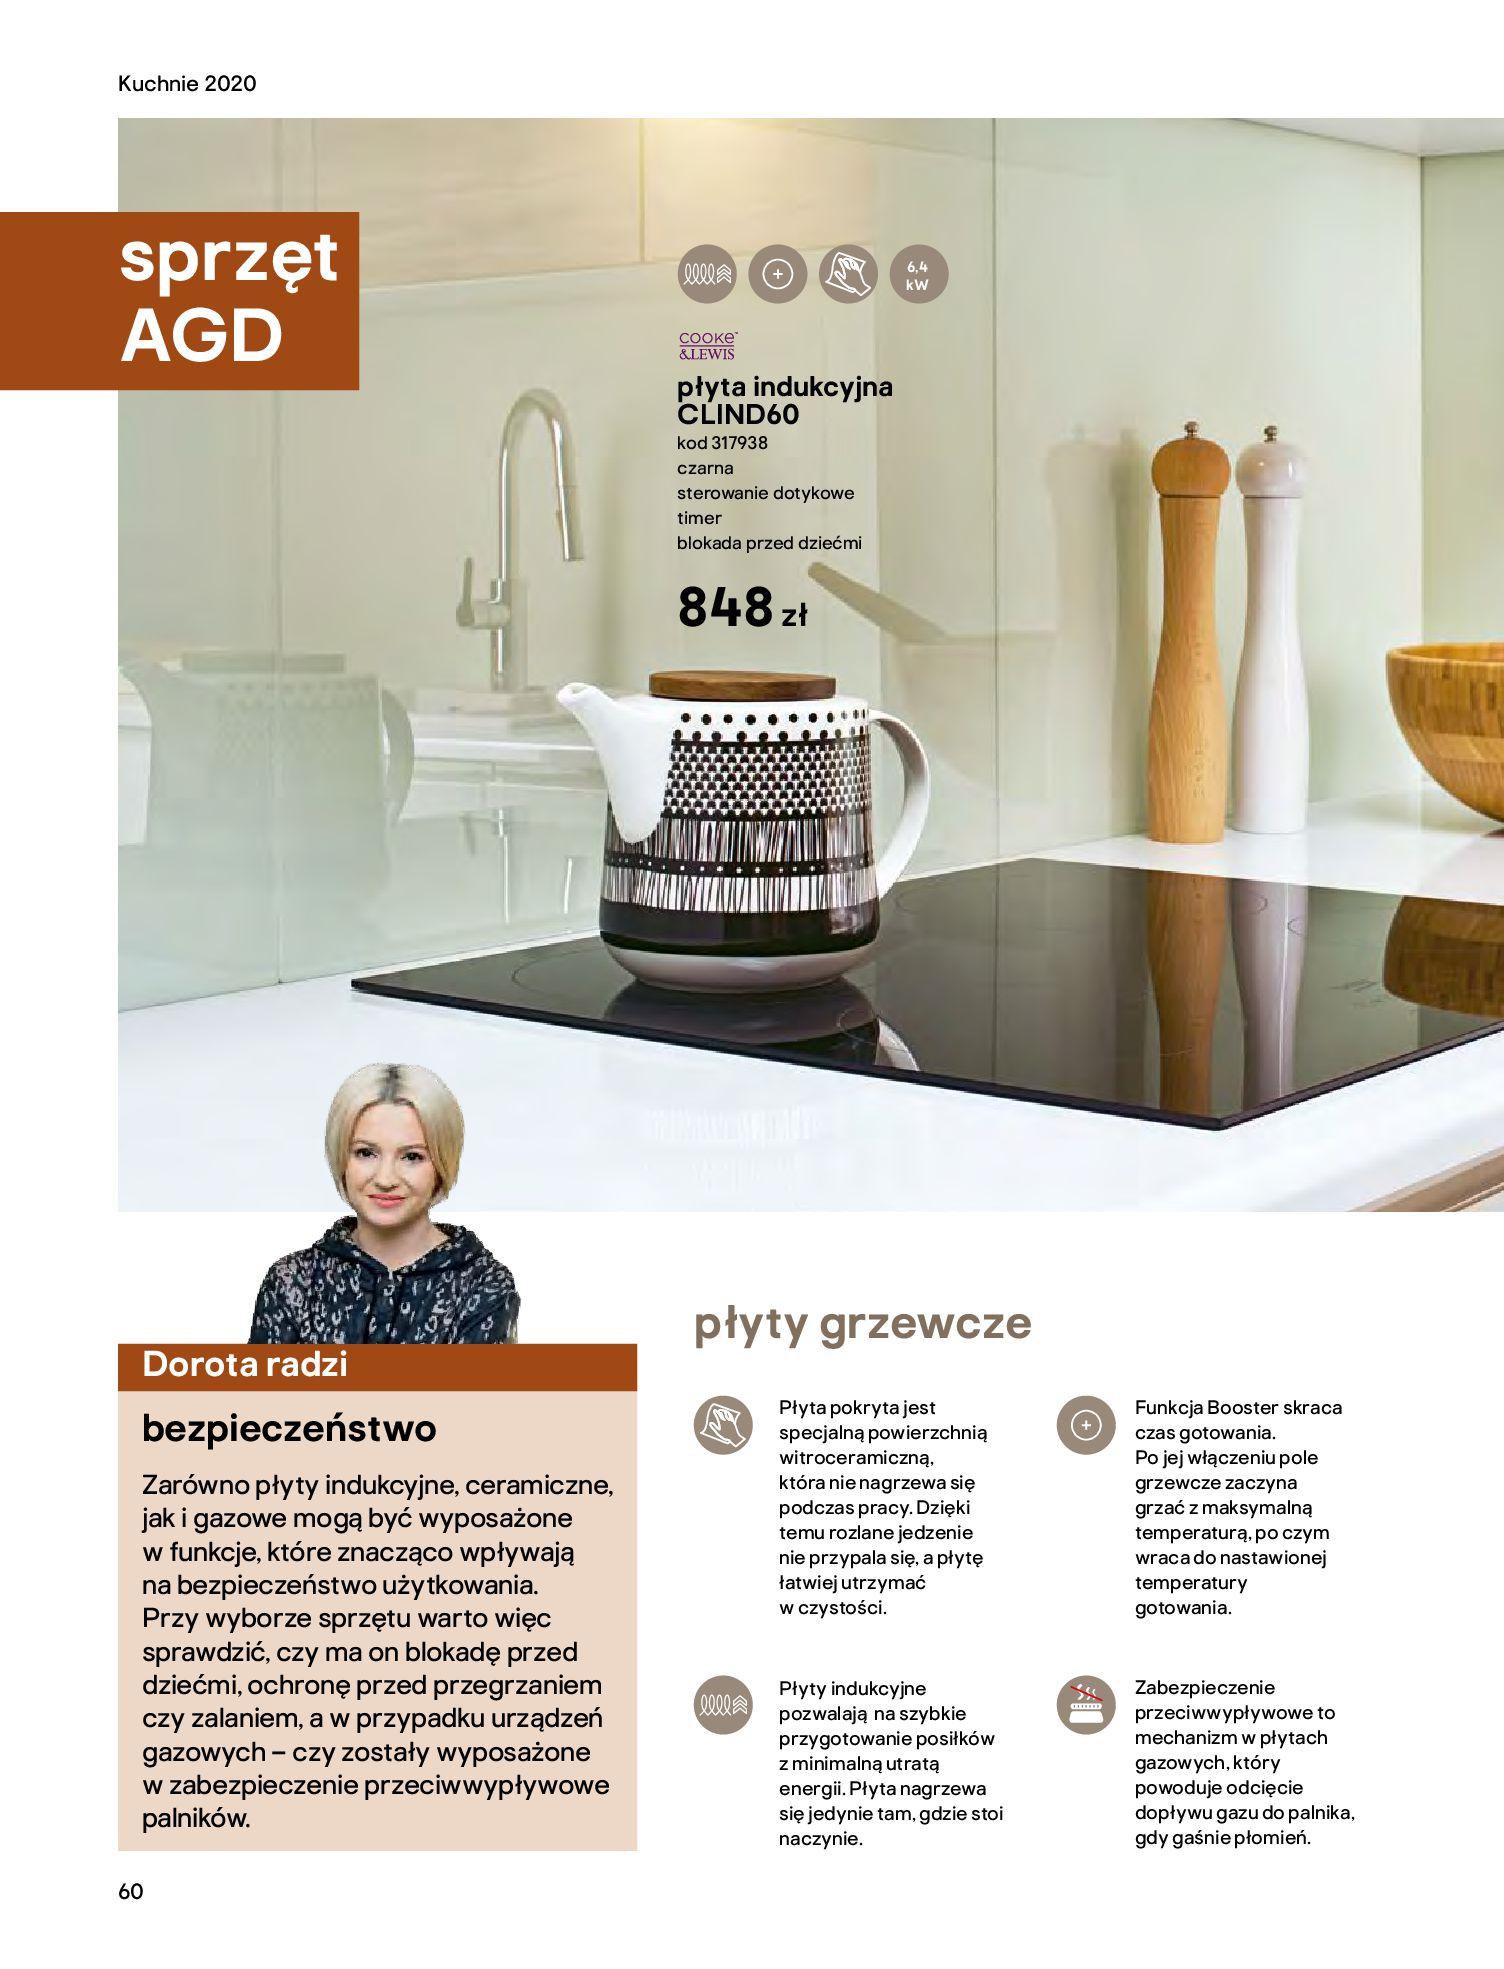 Gazetka Castorama - Katalog Kuchnie 2020-14.04.2020-31.12.2020-page-60